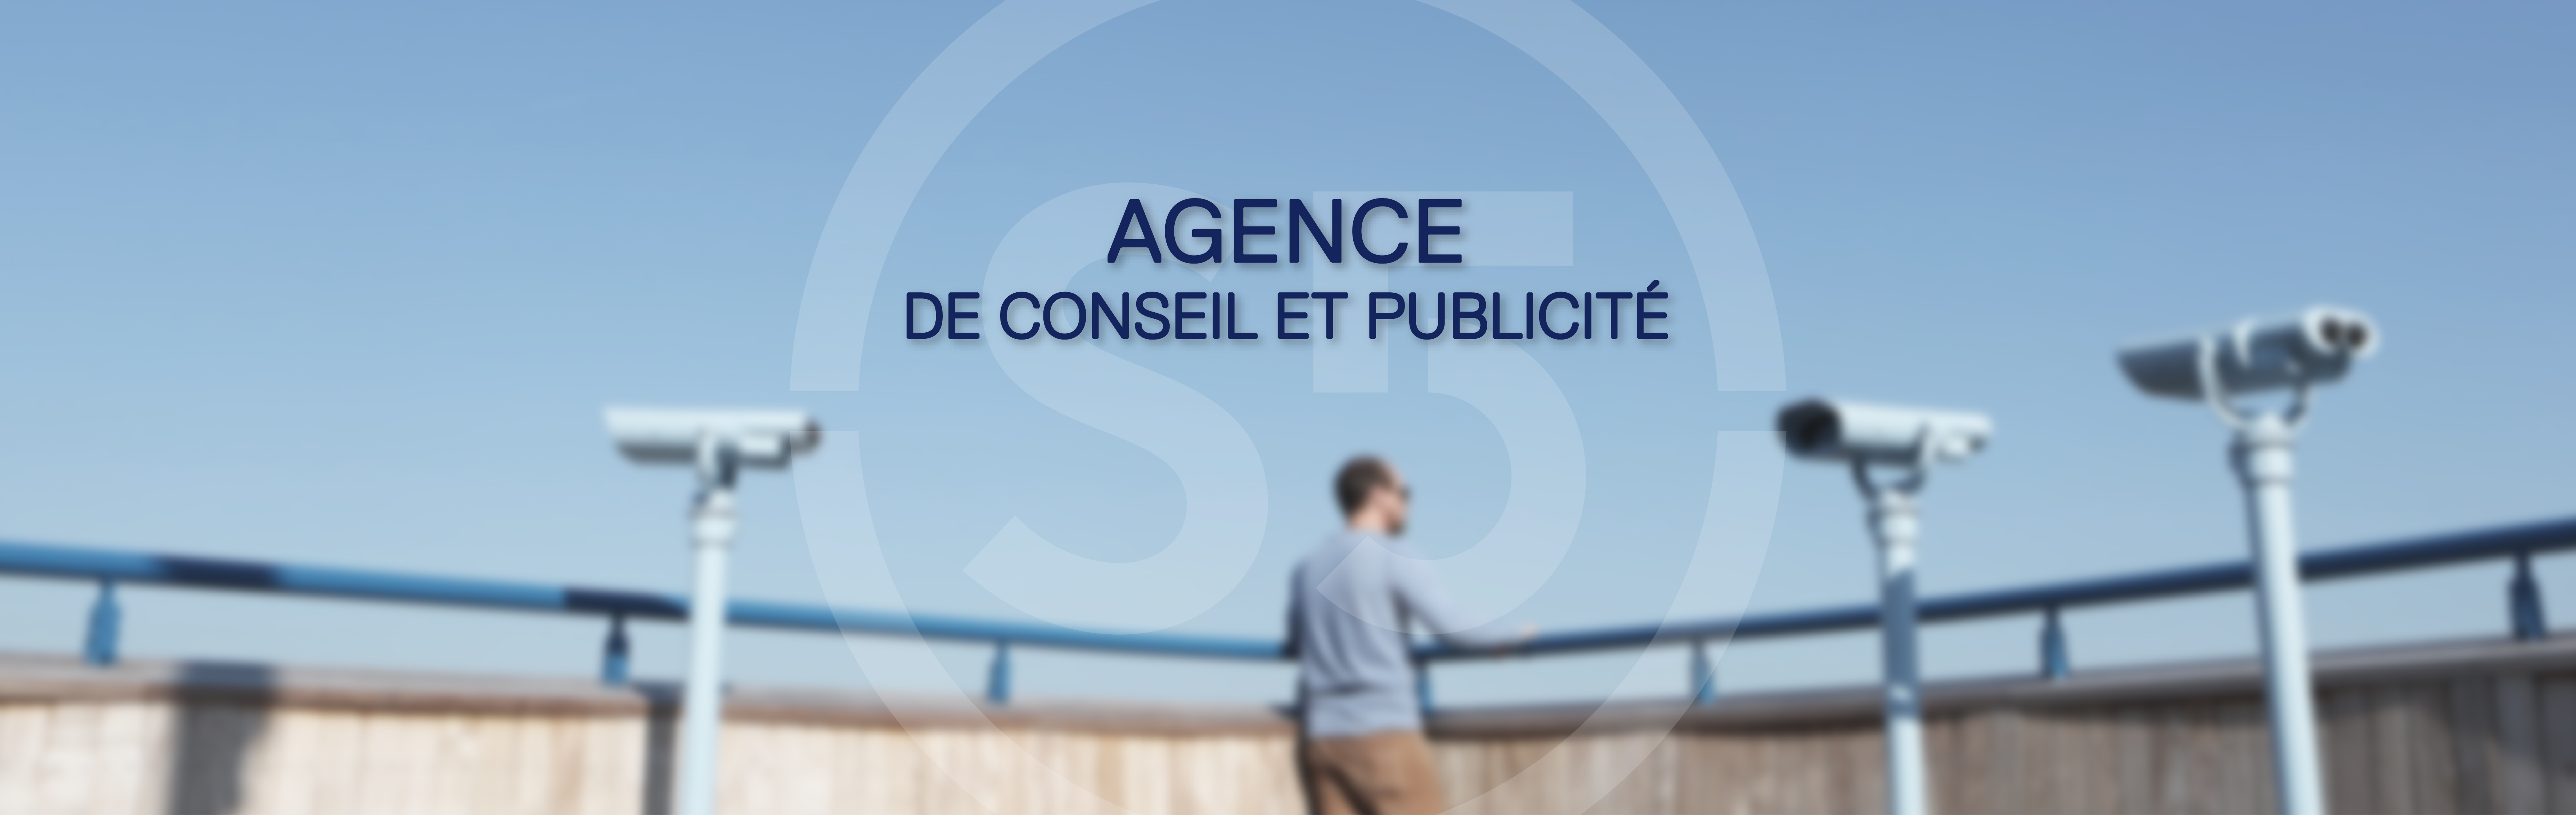 agence-de-conseil-et-publicite-slide2-01